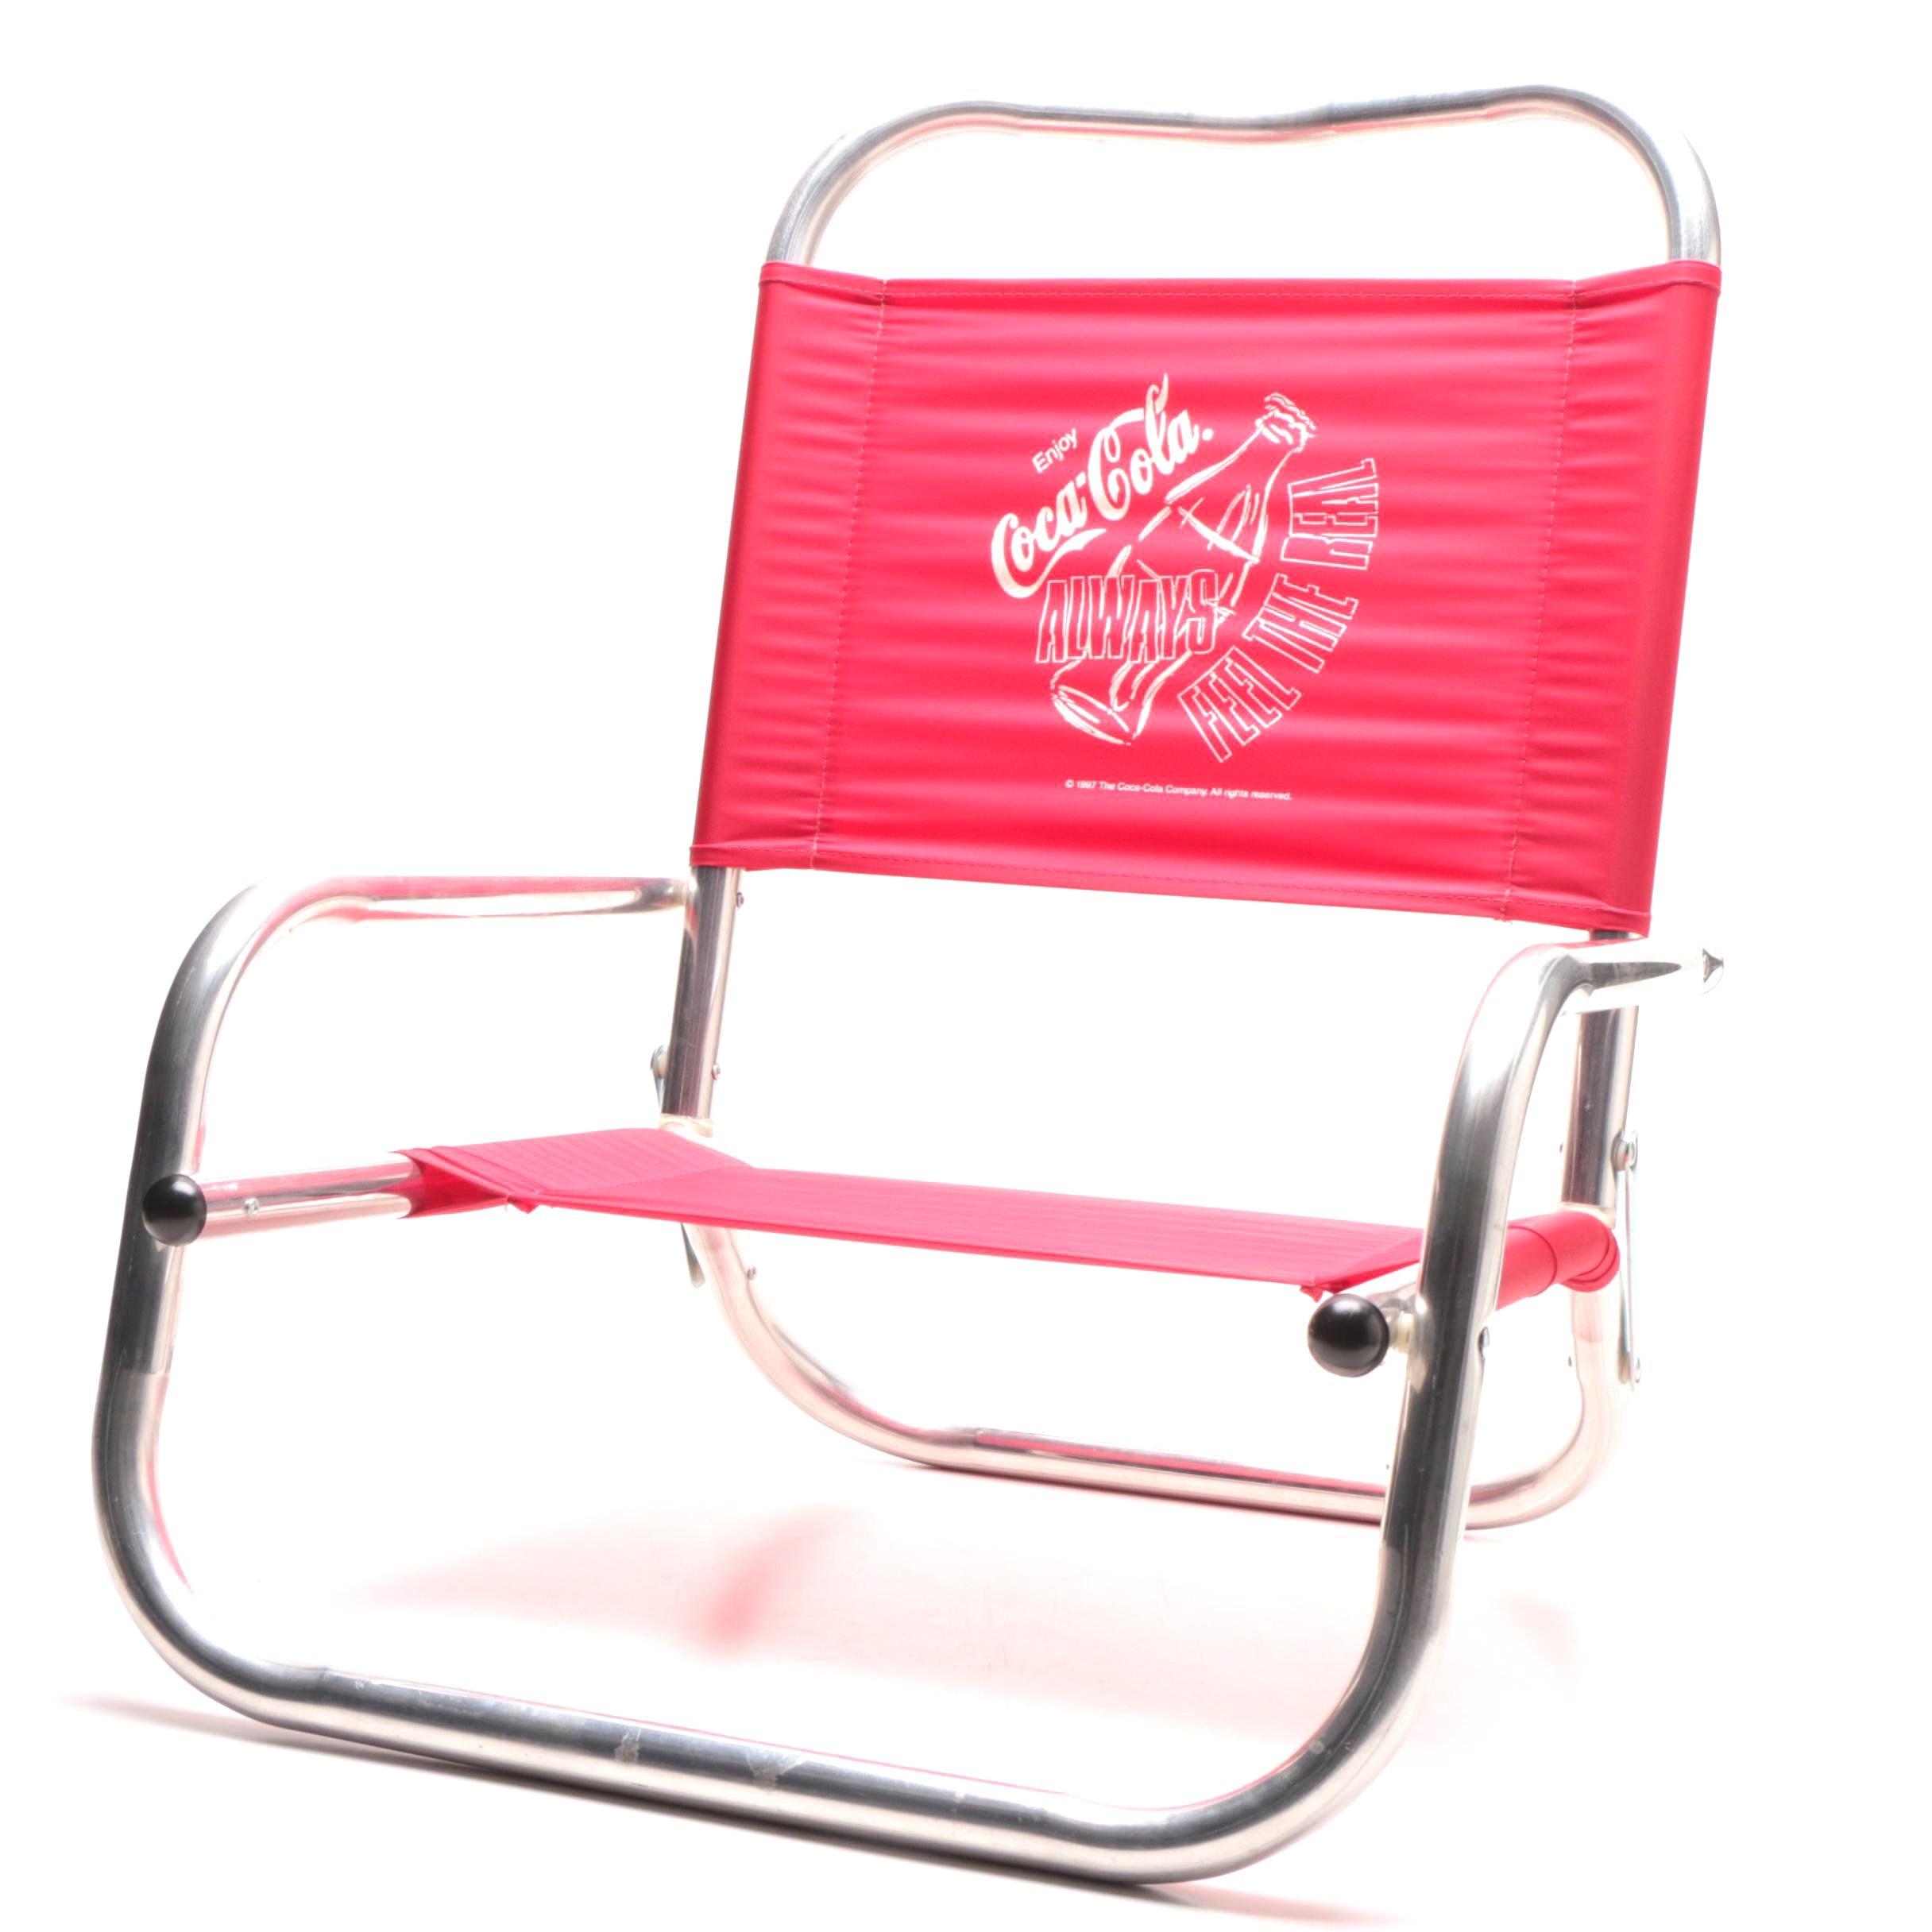 Coca-Cola Folding Beach Chair